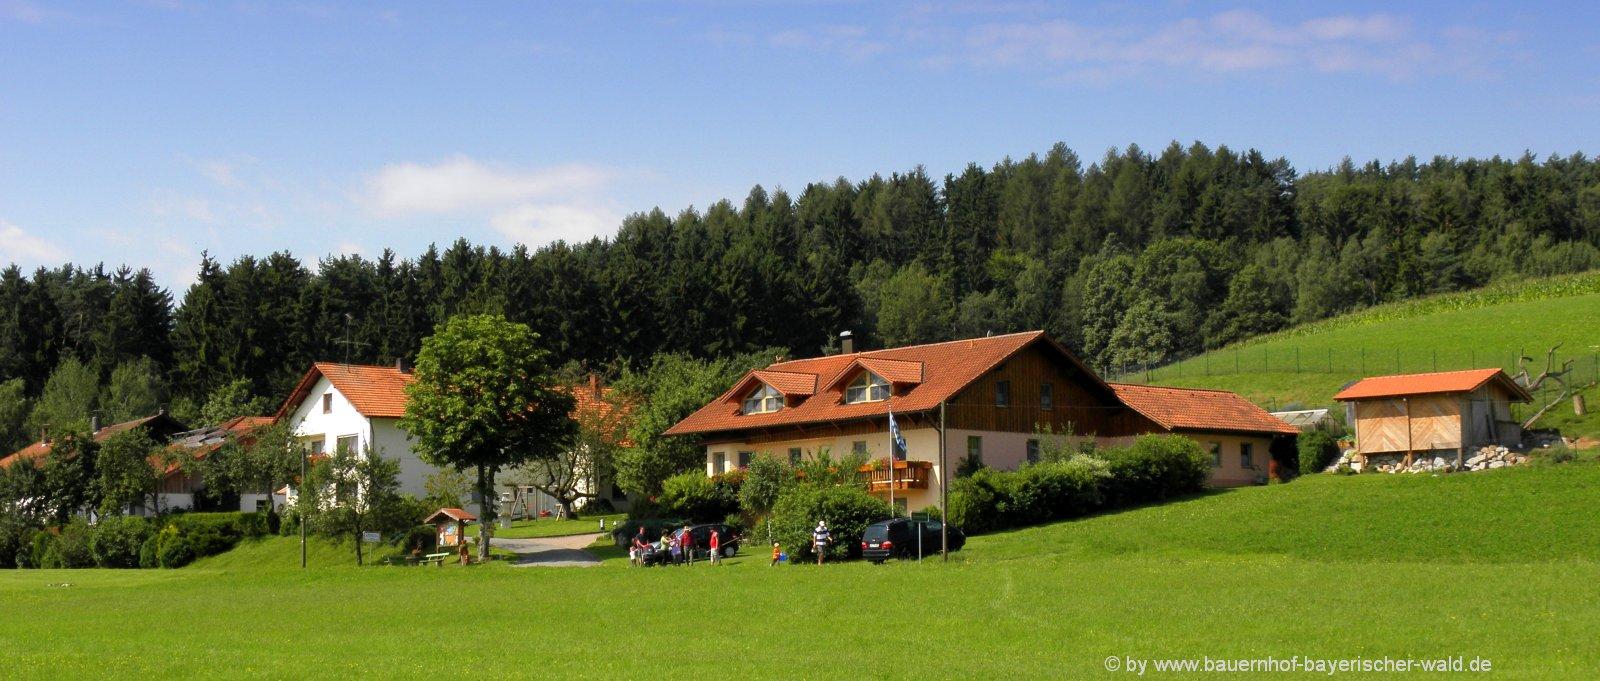 Bayerischer Wald Erlebnisbauernhof für Kinder